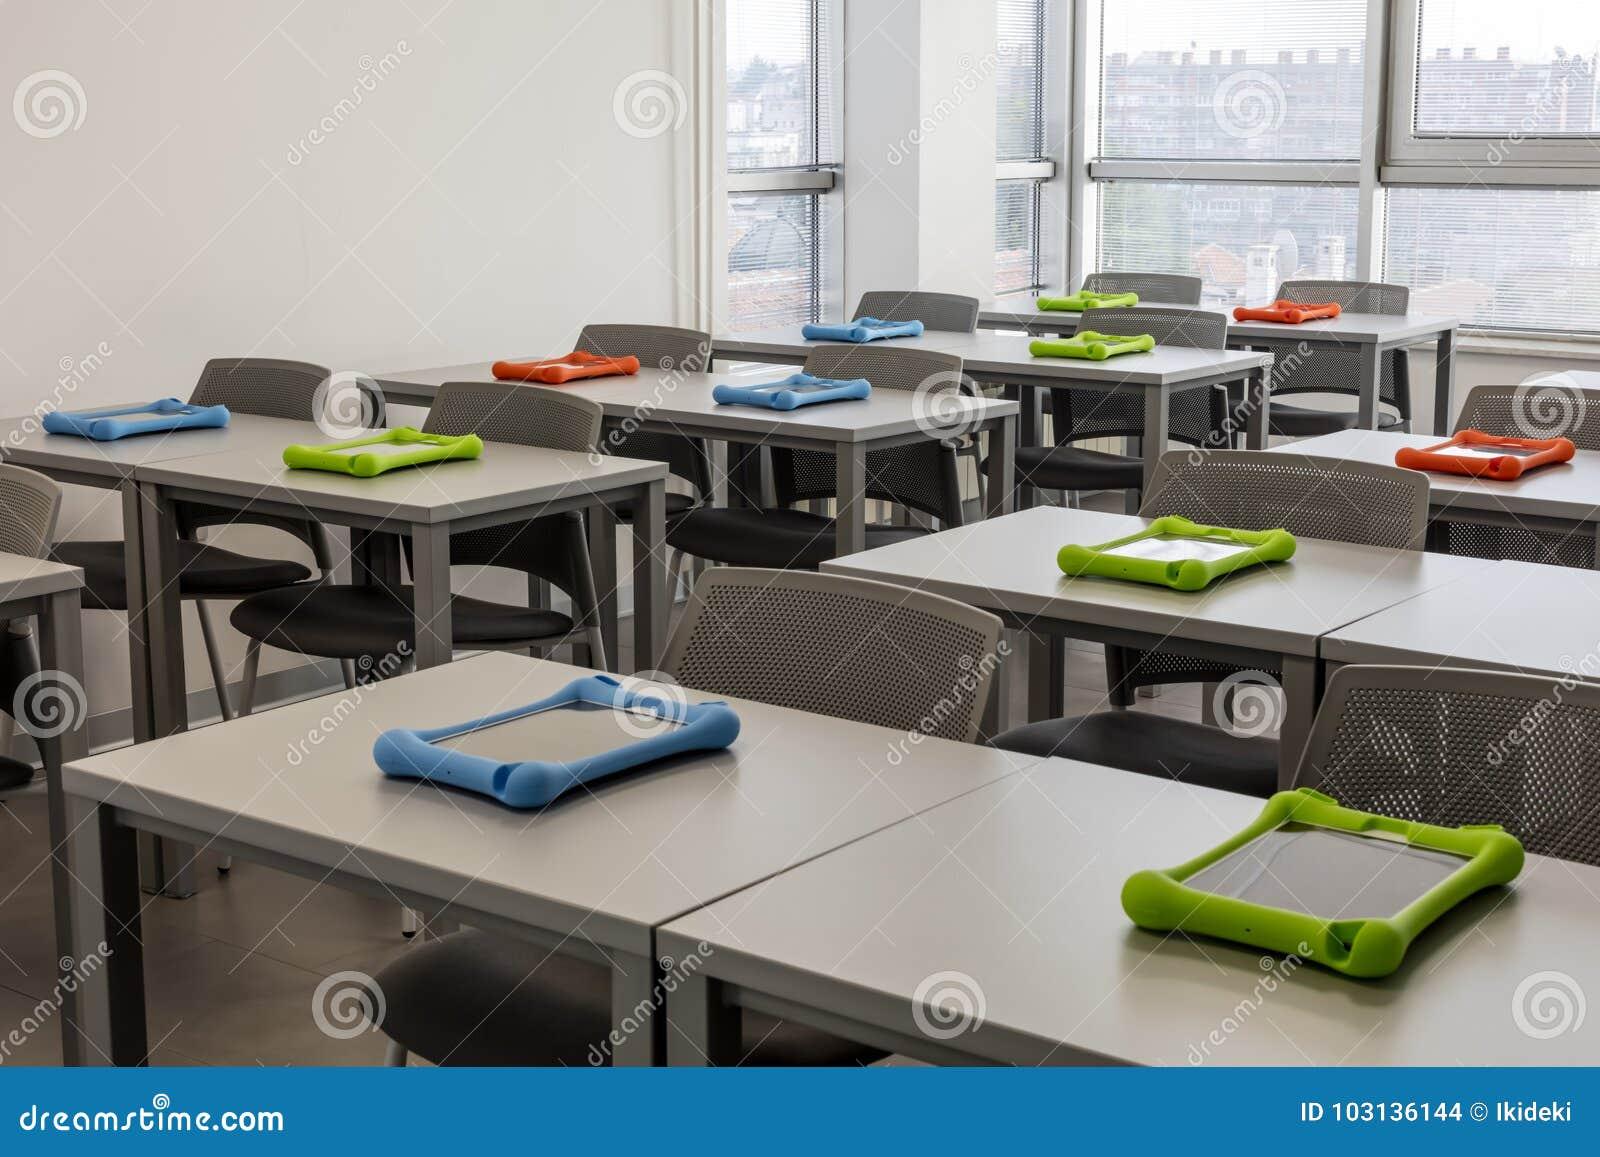 Intérieur moderne de salle de classe avec des bureaux de travail